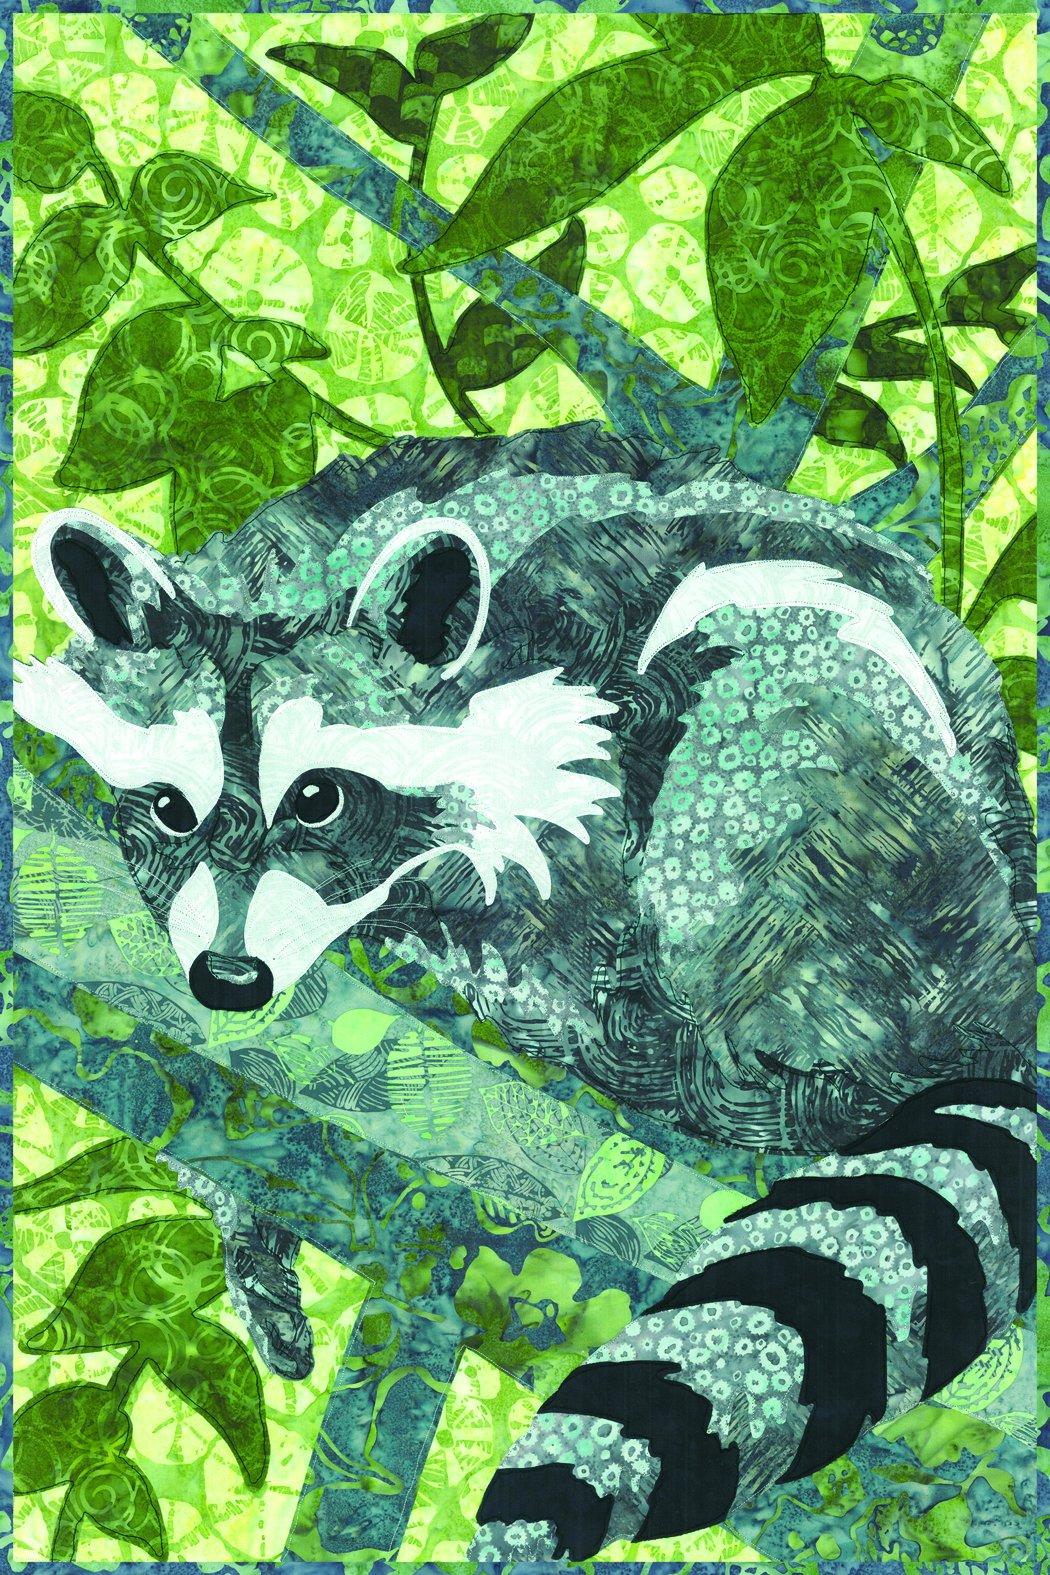 Raccoon (Hoffman Wild #1 Treetop)